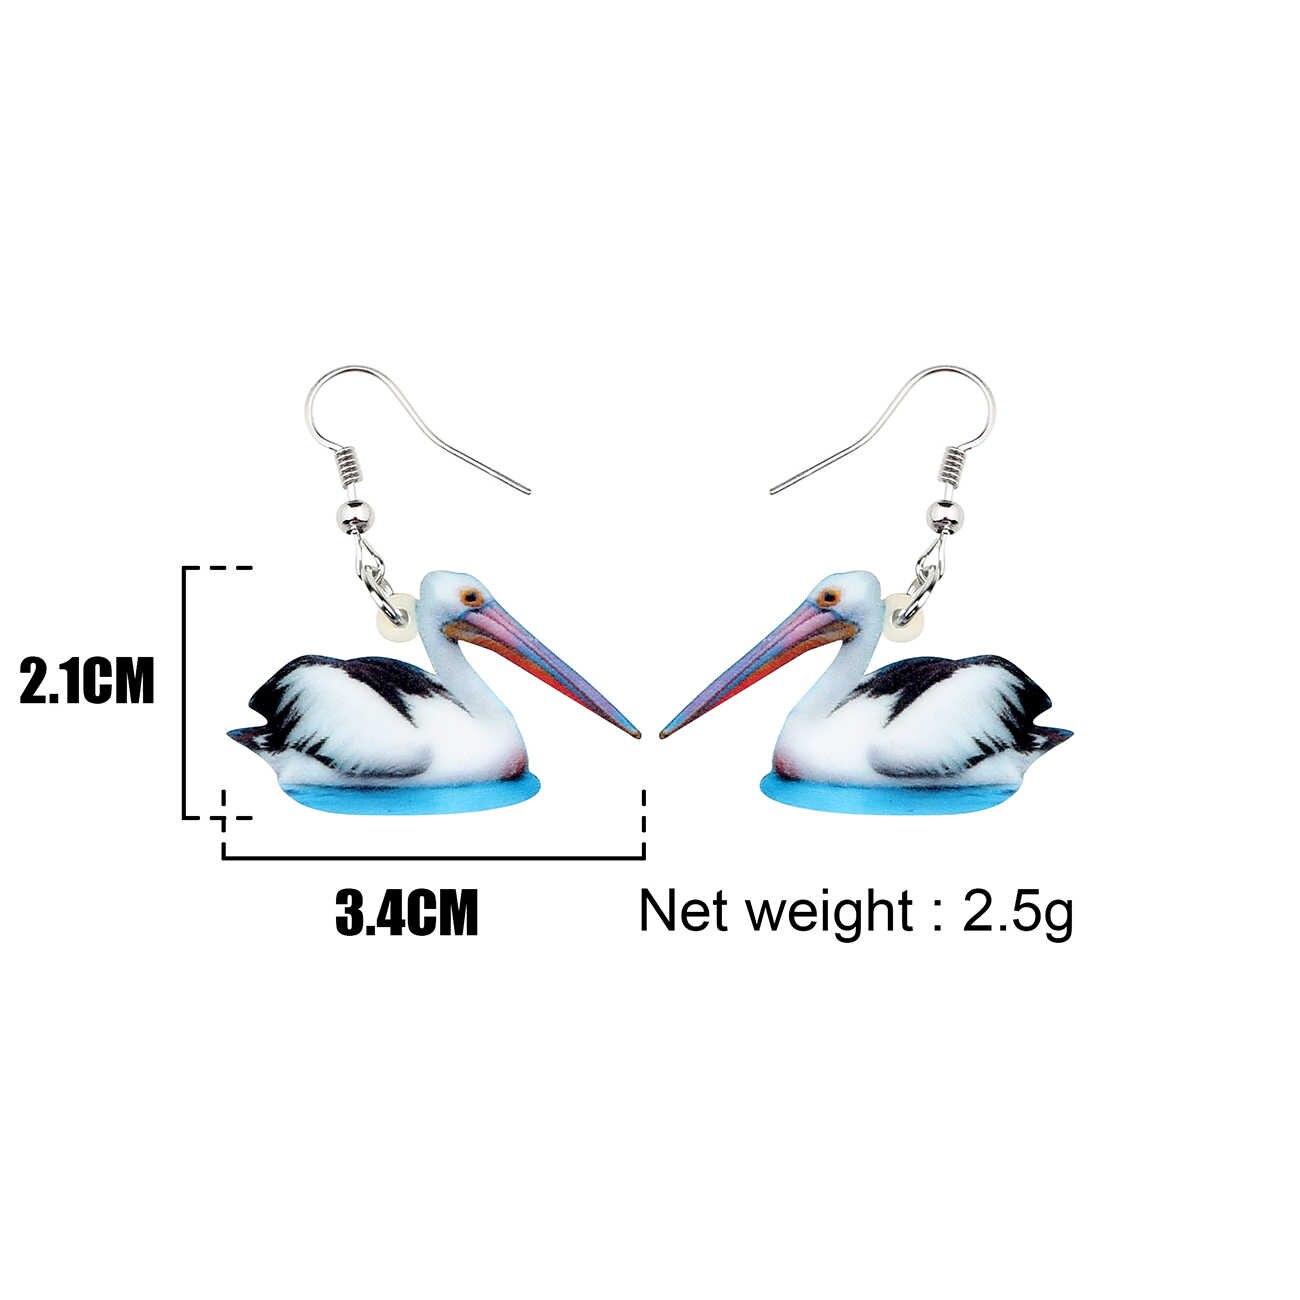 Bonsny Acryl Cartoon Pelican Vogel Oorbellen Grote Lange Dangle Drop Novelty Animal Sieraden Gift Voor Vrouwen Meisjes Tiener Charmes Bijoux